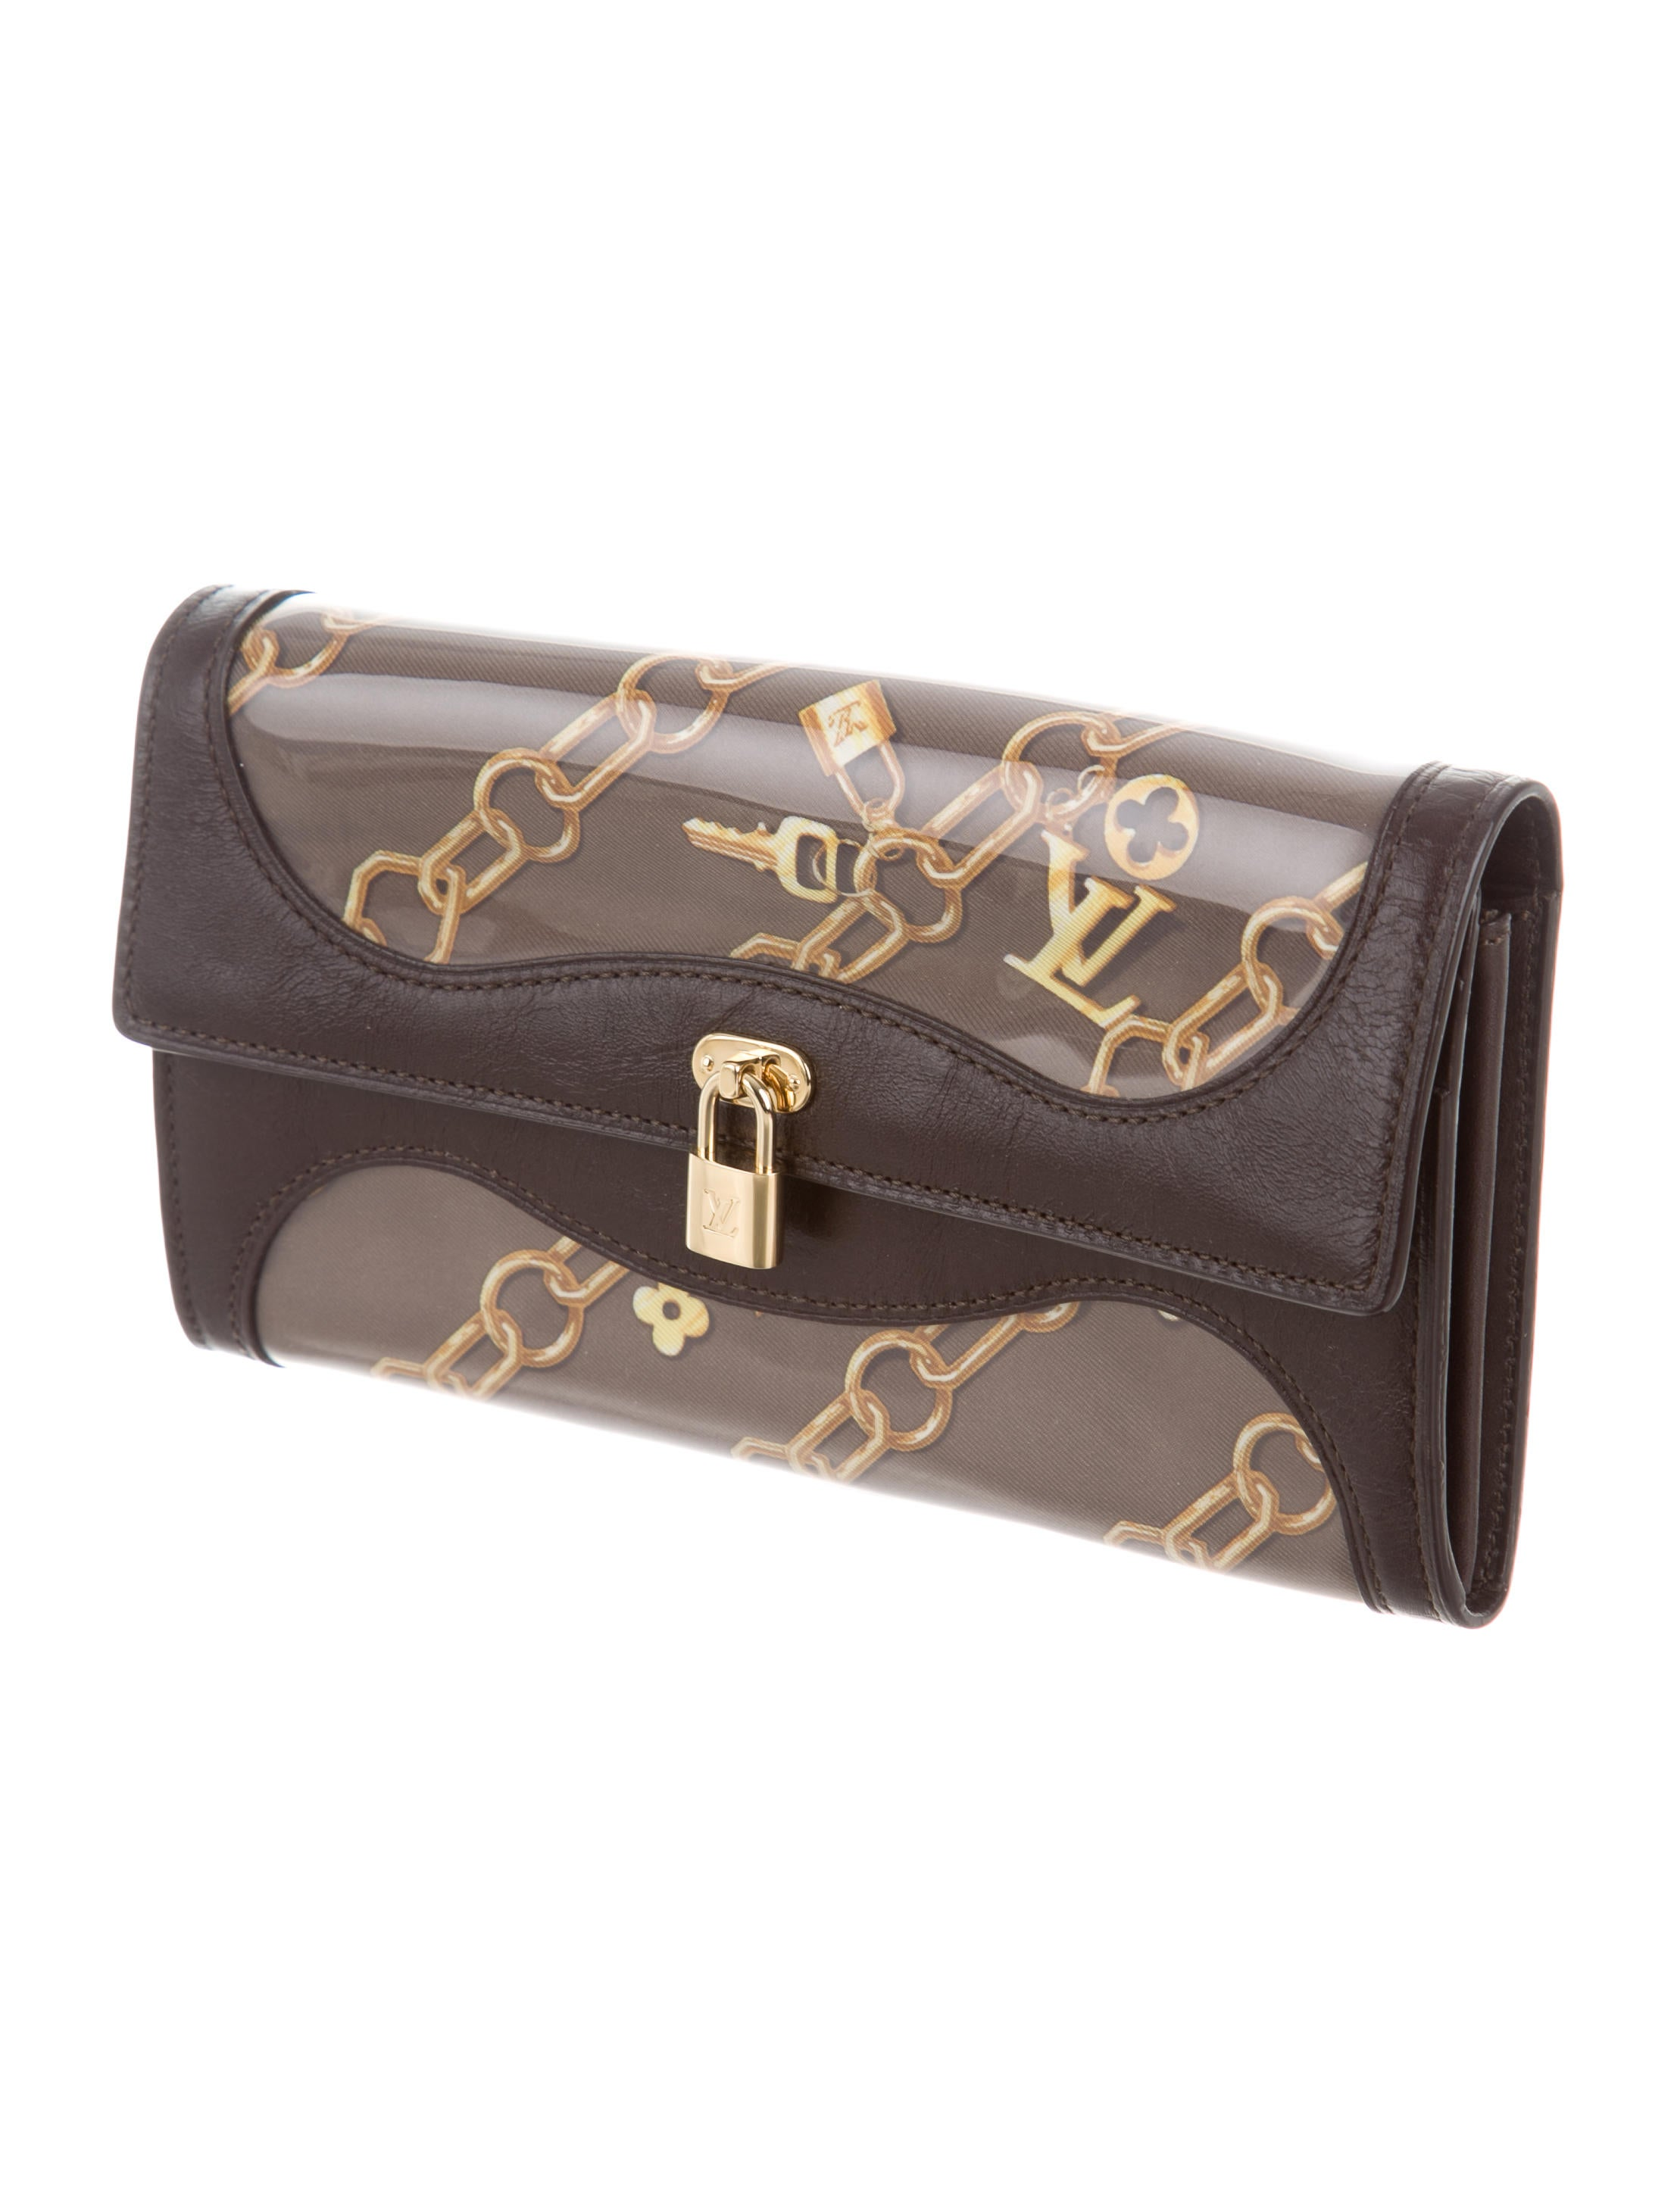 Louis vuitton charms porte monnaie wallet accessories for Porte monnaie